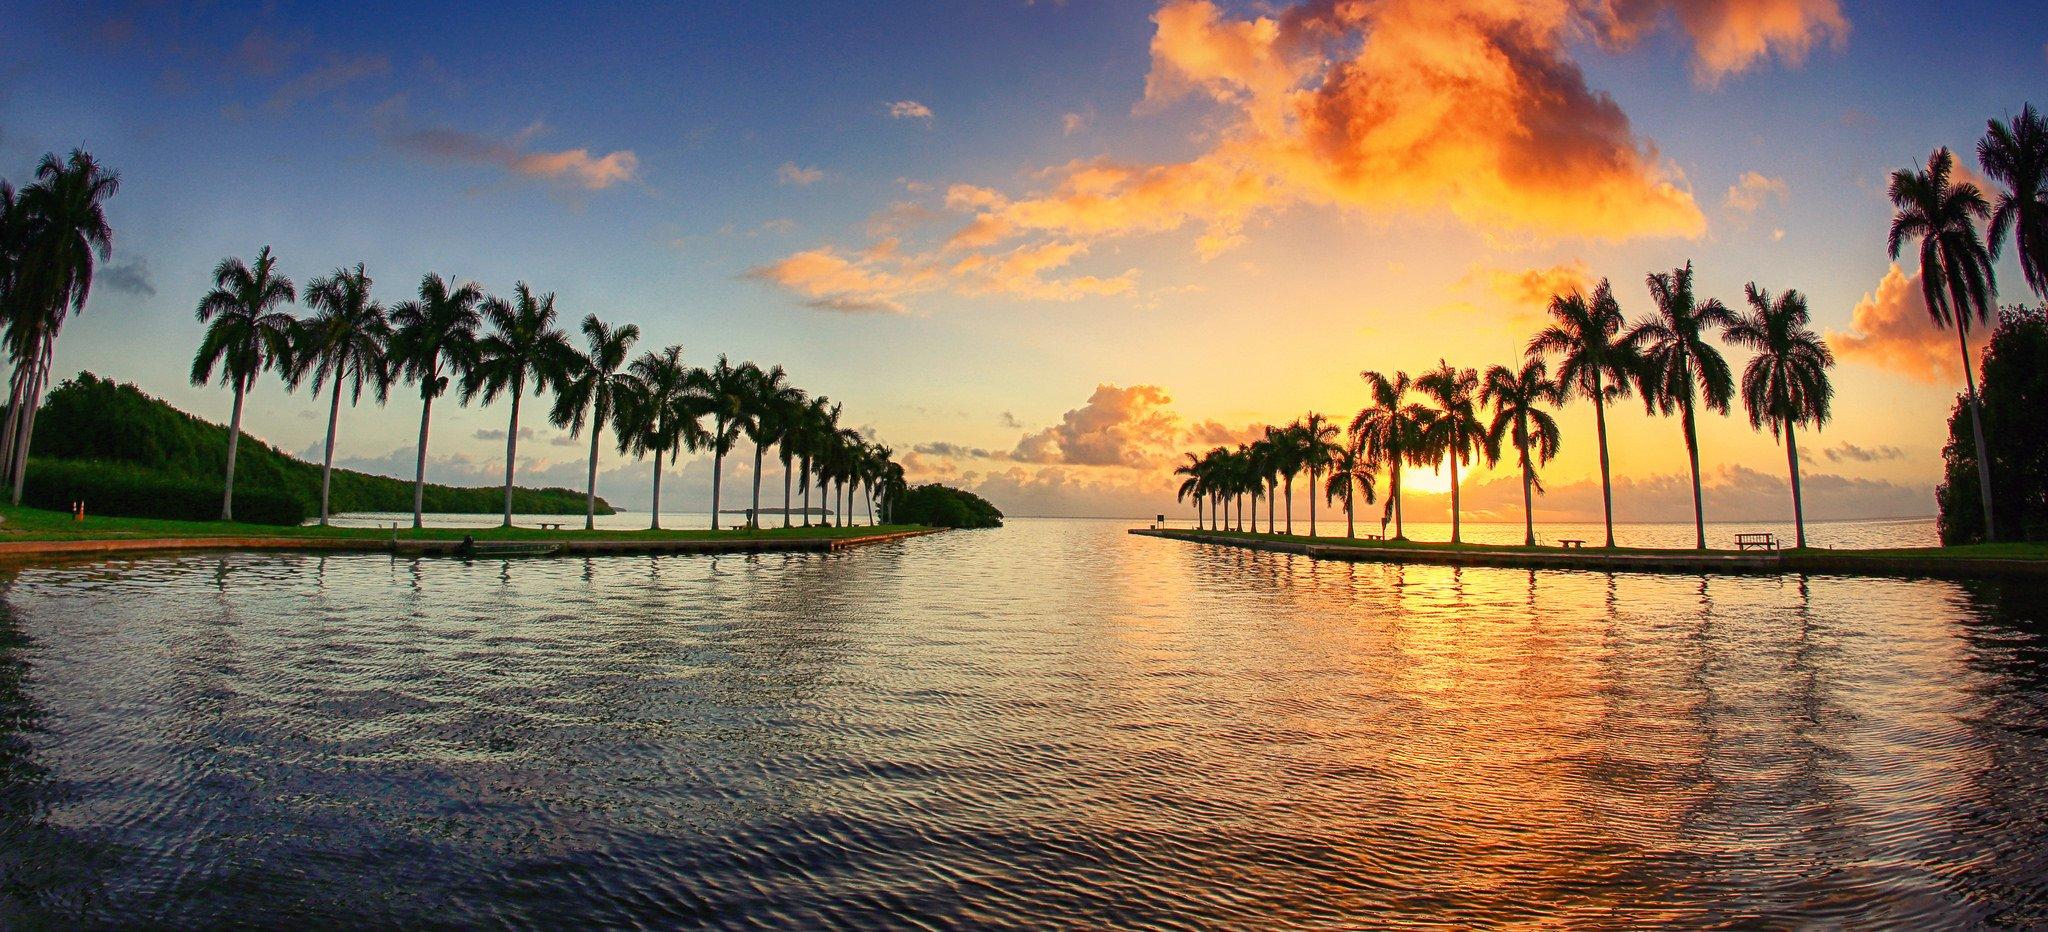 Panoramic Beach Wallpaper Wallpapersafari